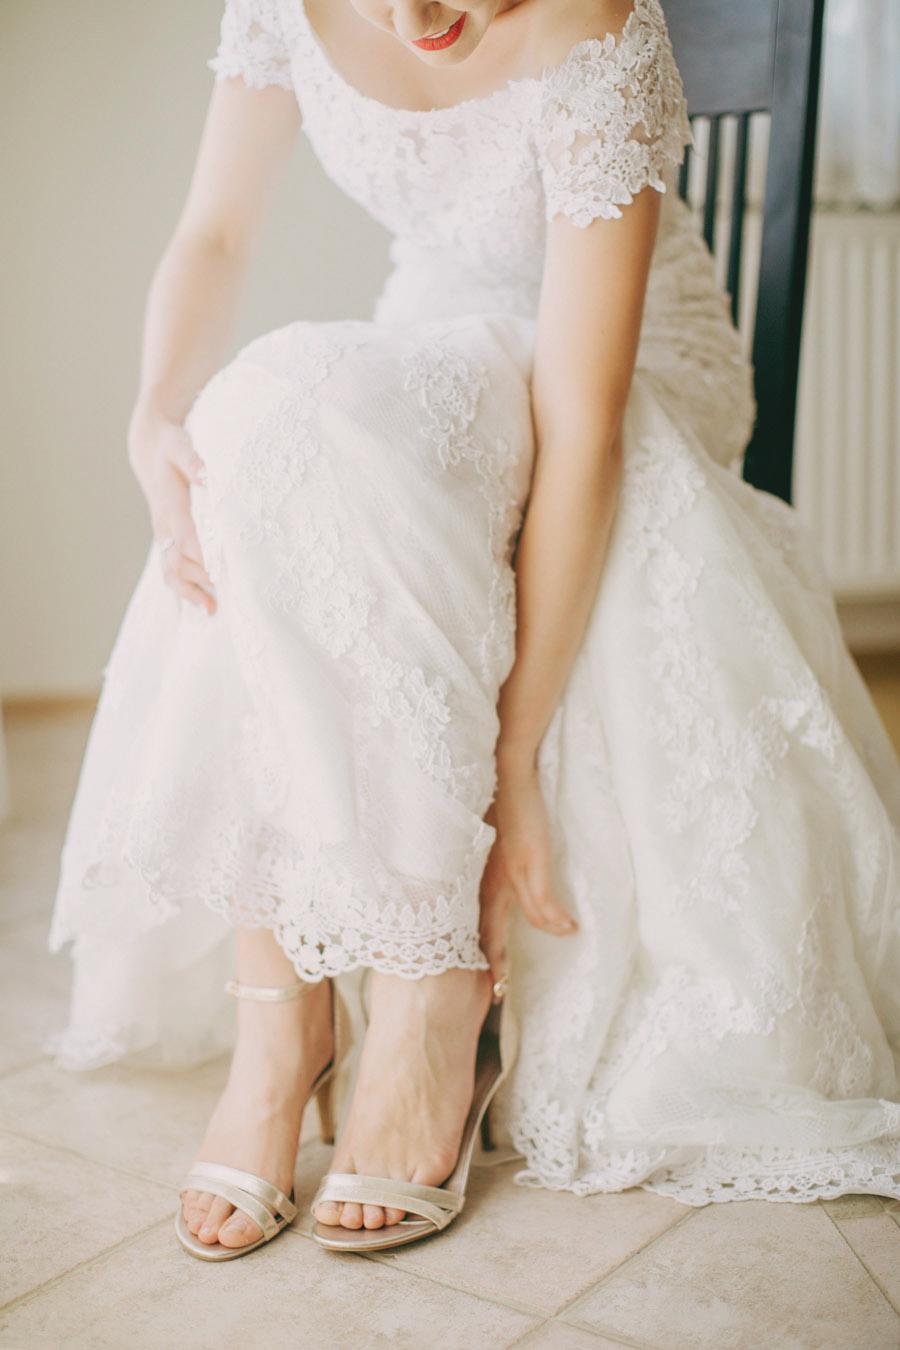 porocna-fotografija-poroka-v-ljubljani-monika-tevz (5)